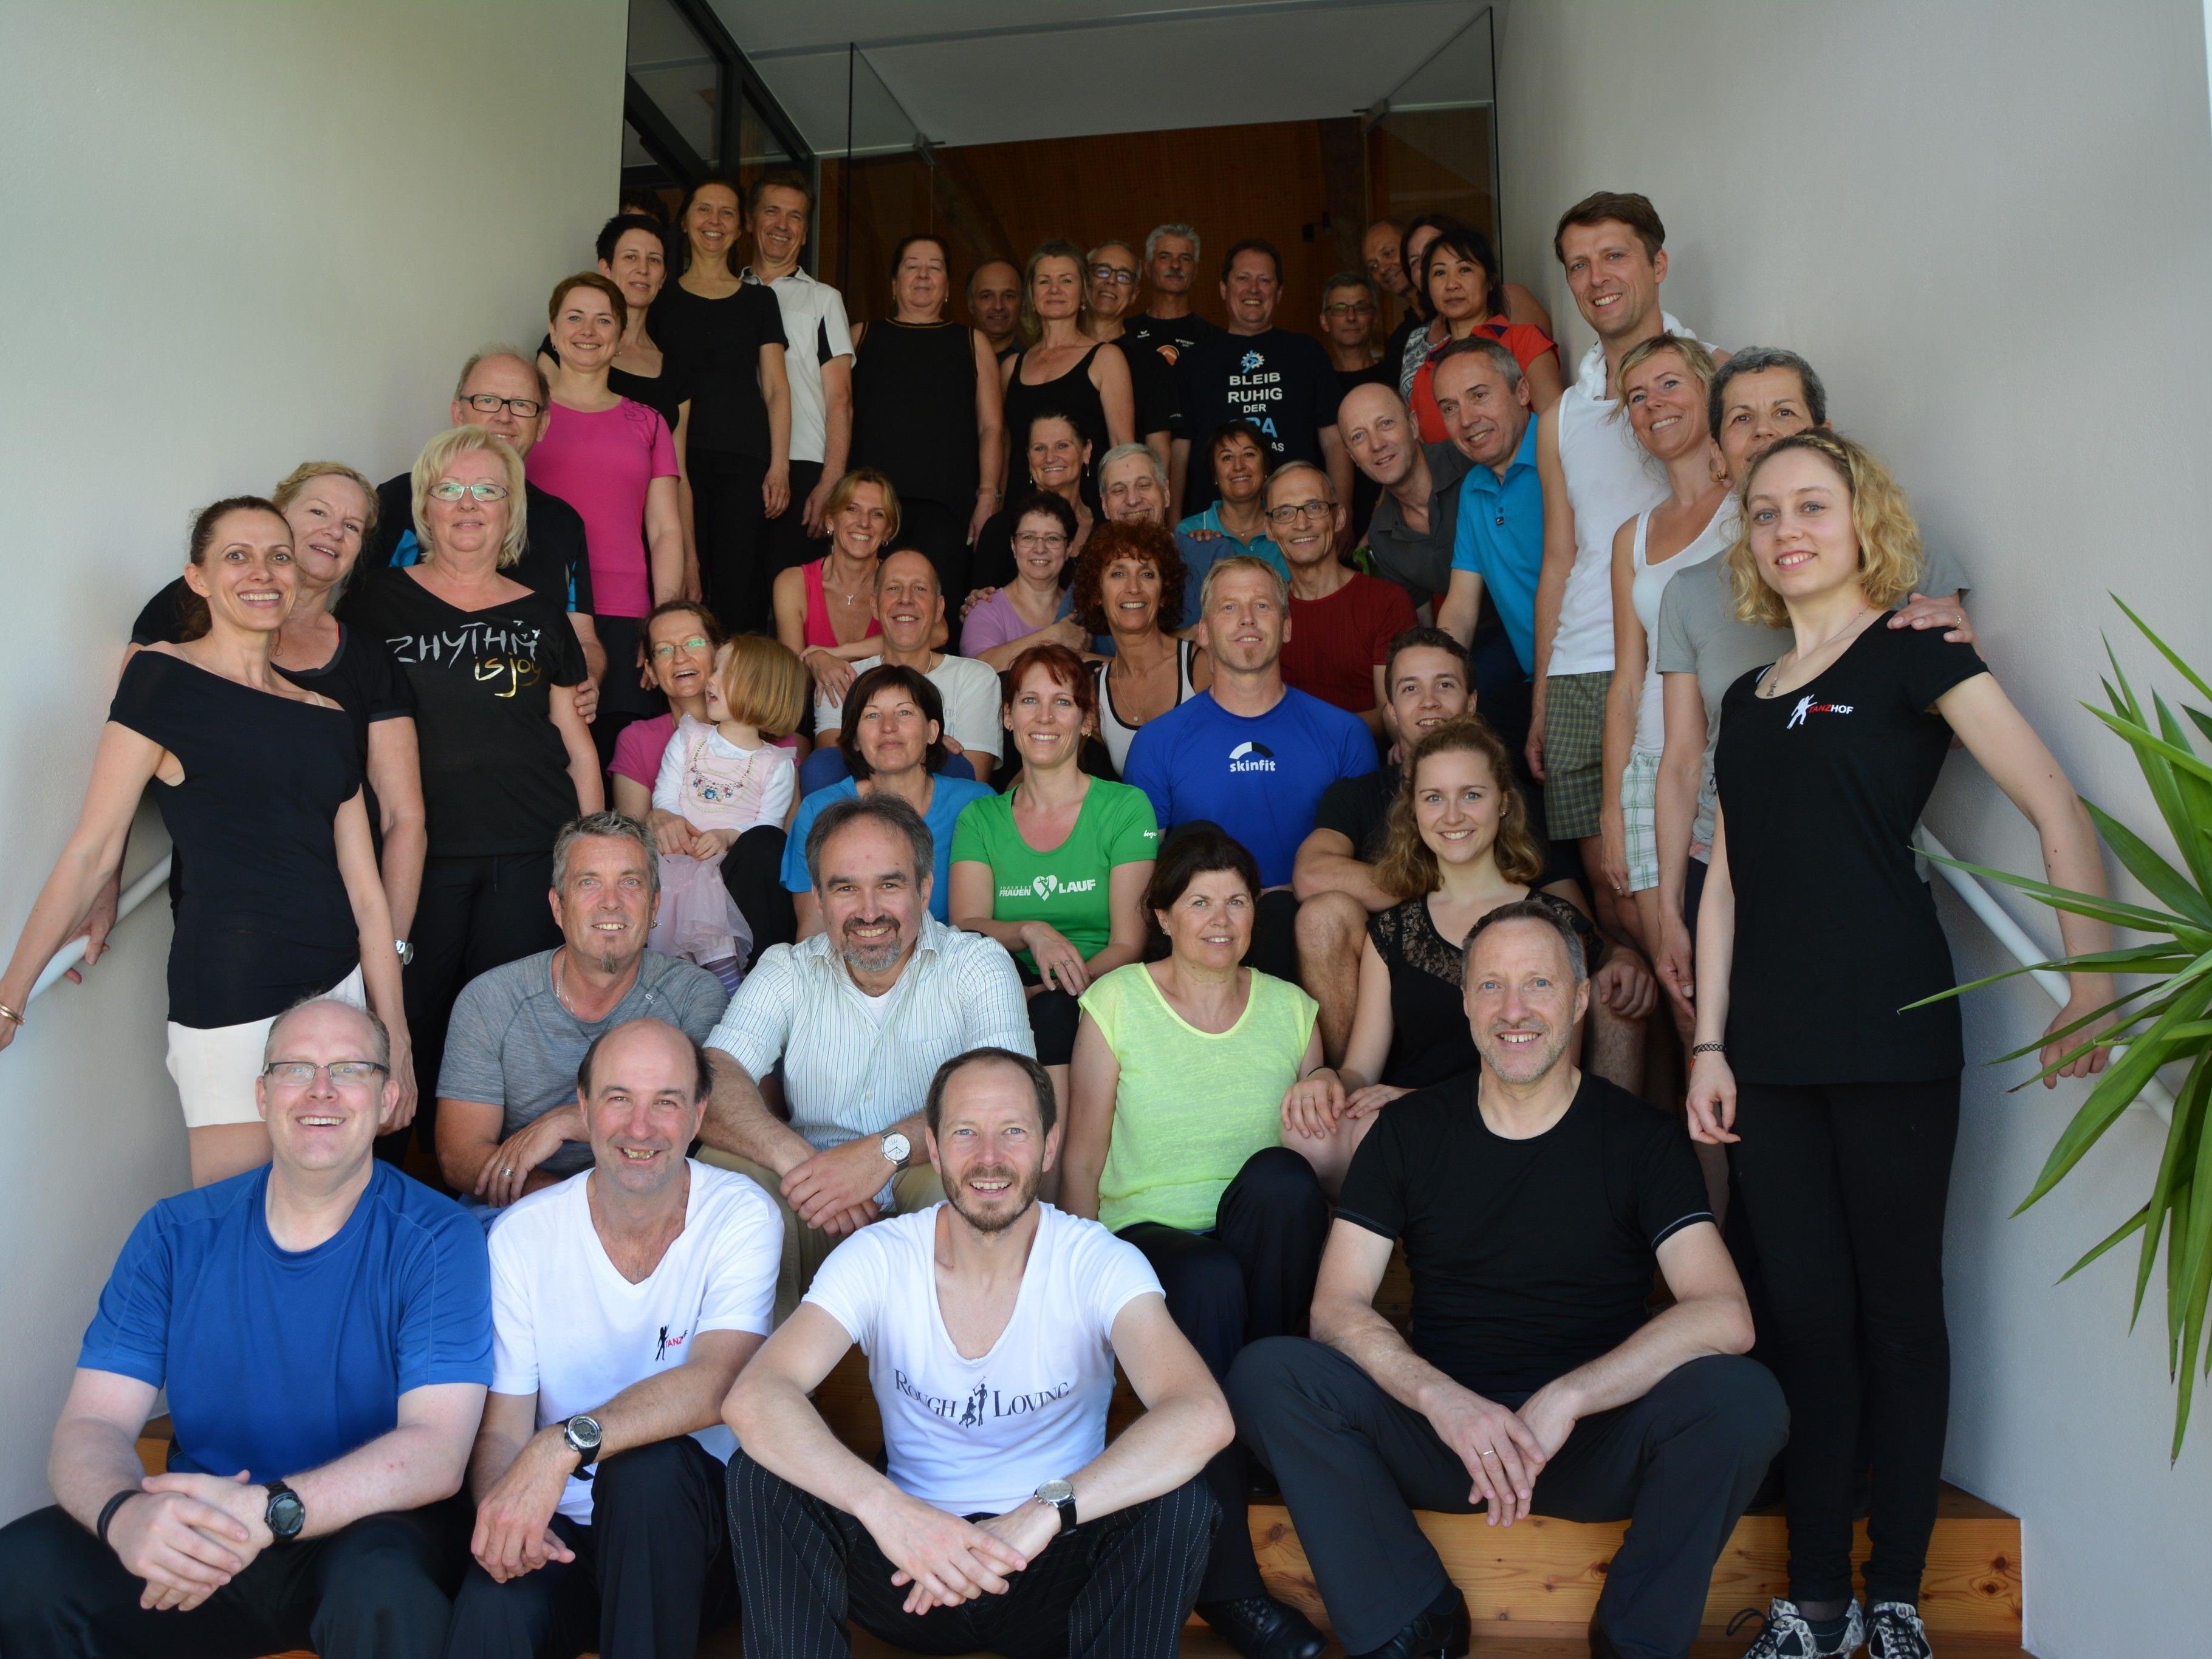 Der Tanzsportclub Blau-Gold Dornbirn - Lustenau- Koblach freut sich auf die Staatsmeisterschaft Latein Ende März